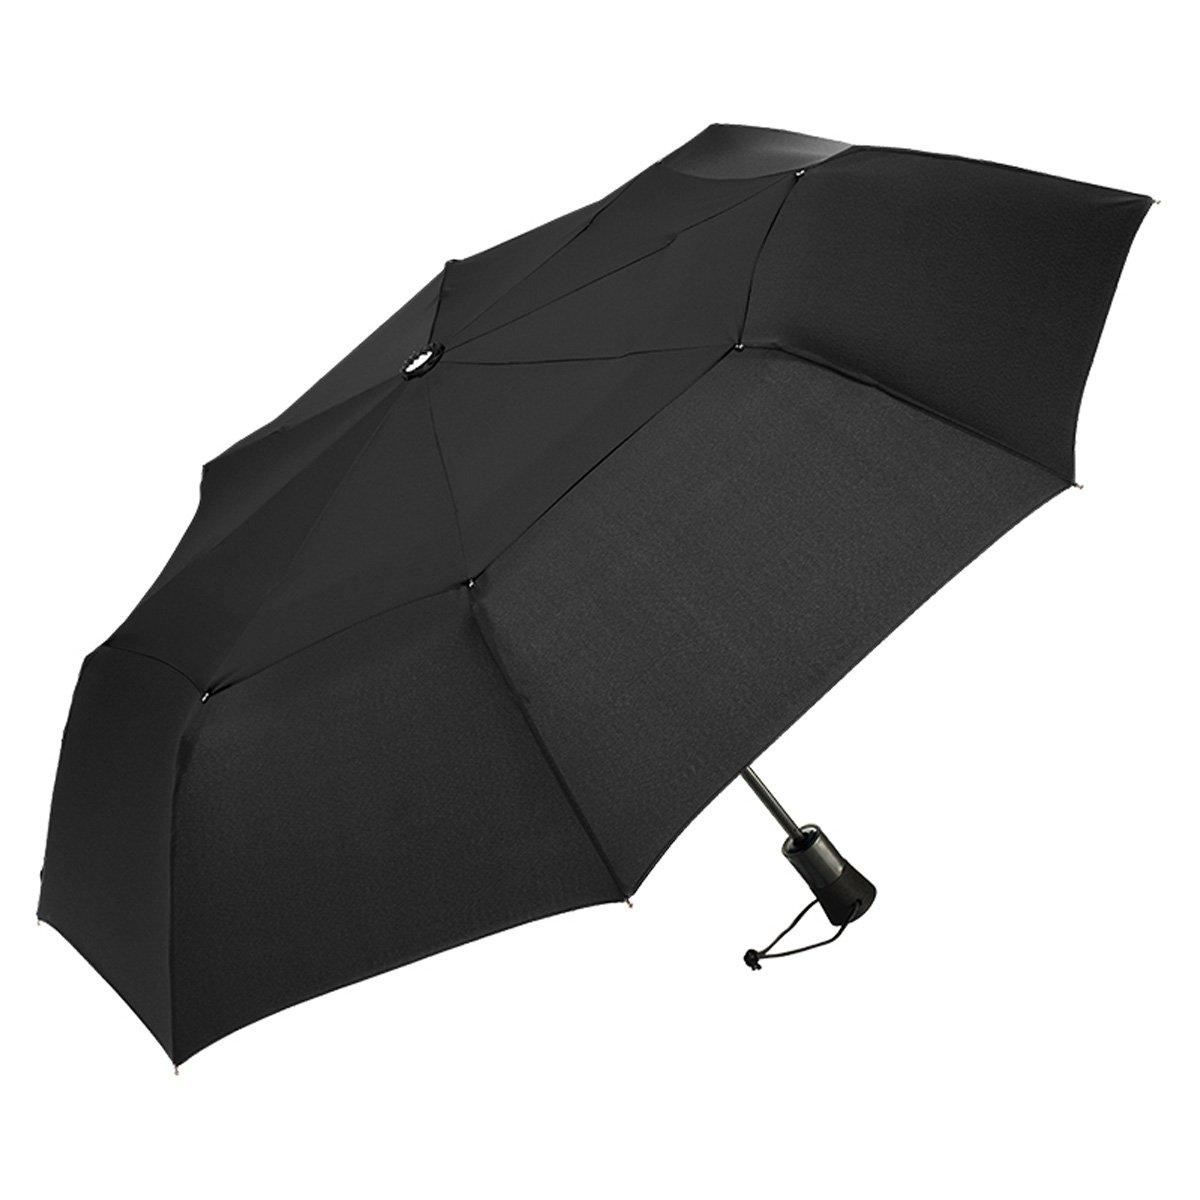 ShedRain WindPro Vented Auto Open Auto Close Compact Umbrella with Teflon